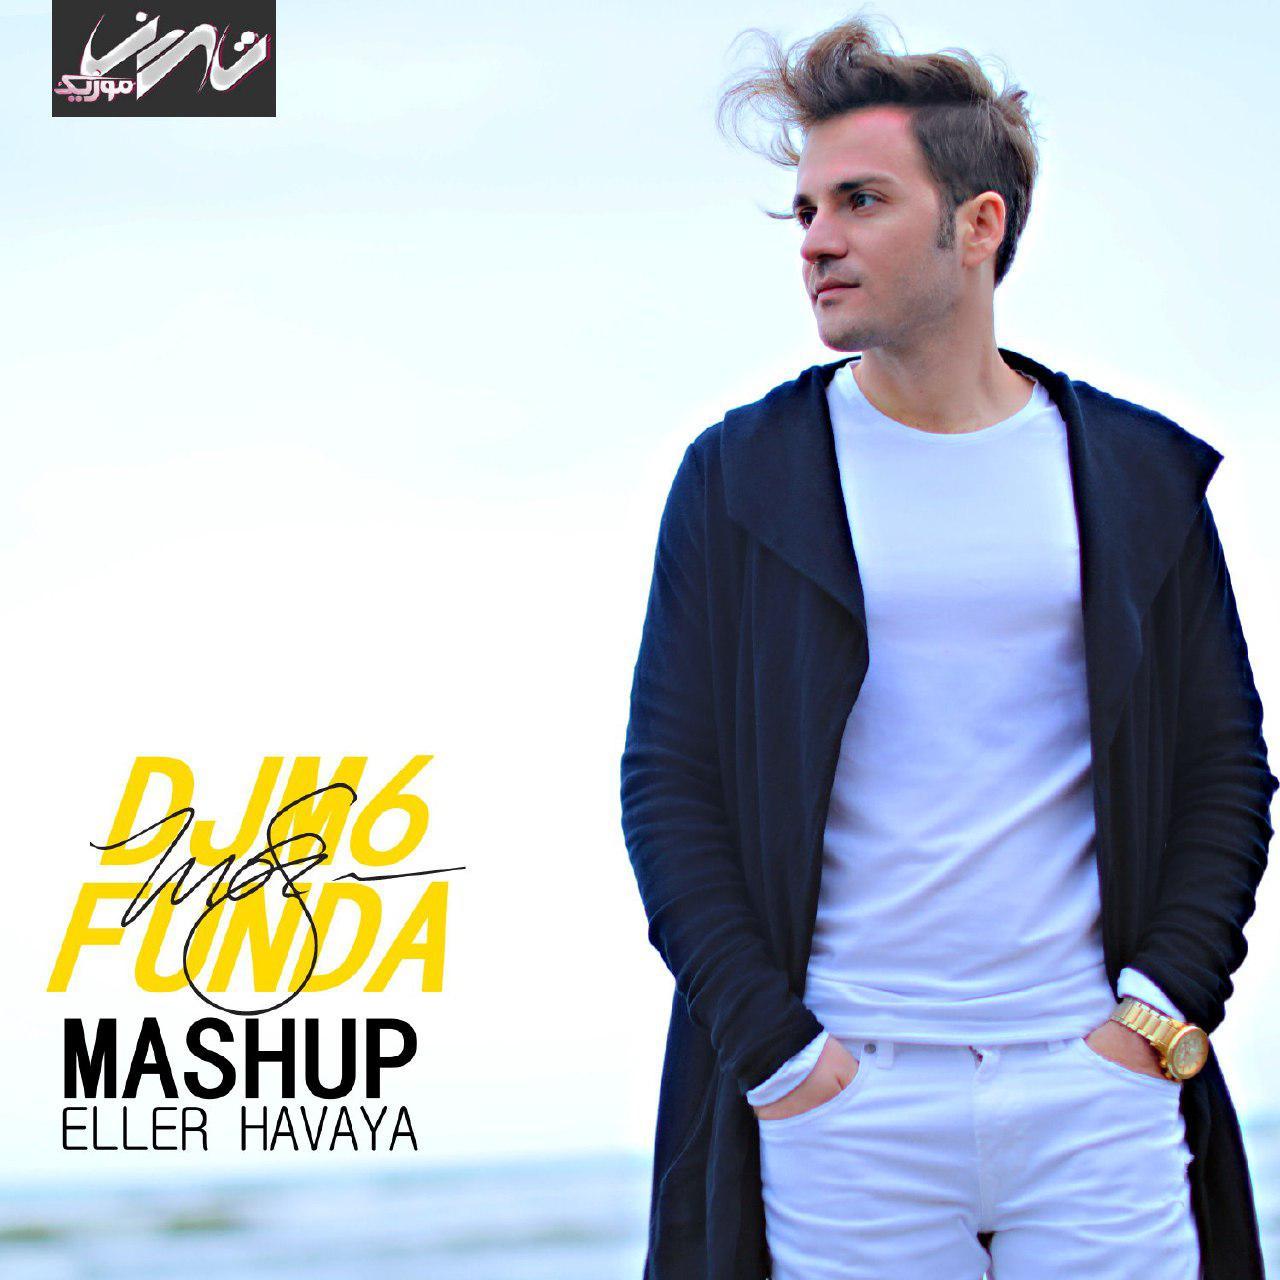 دانلود میکس جدید DJM6 & Funda بنام Eller Havaya